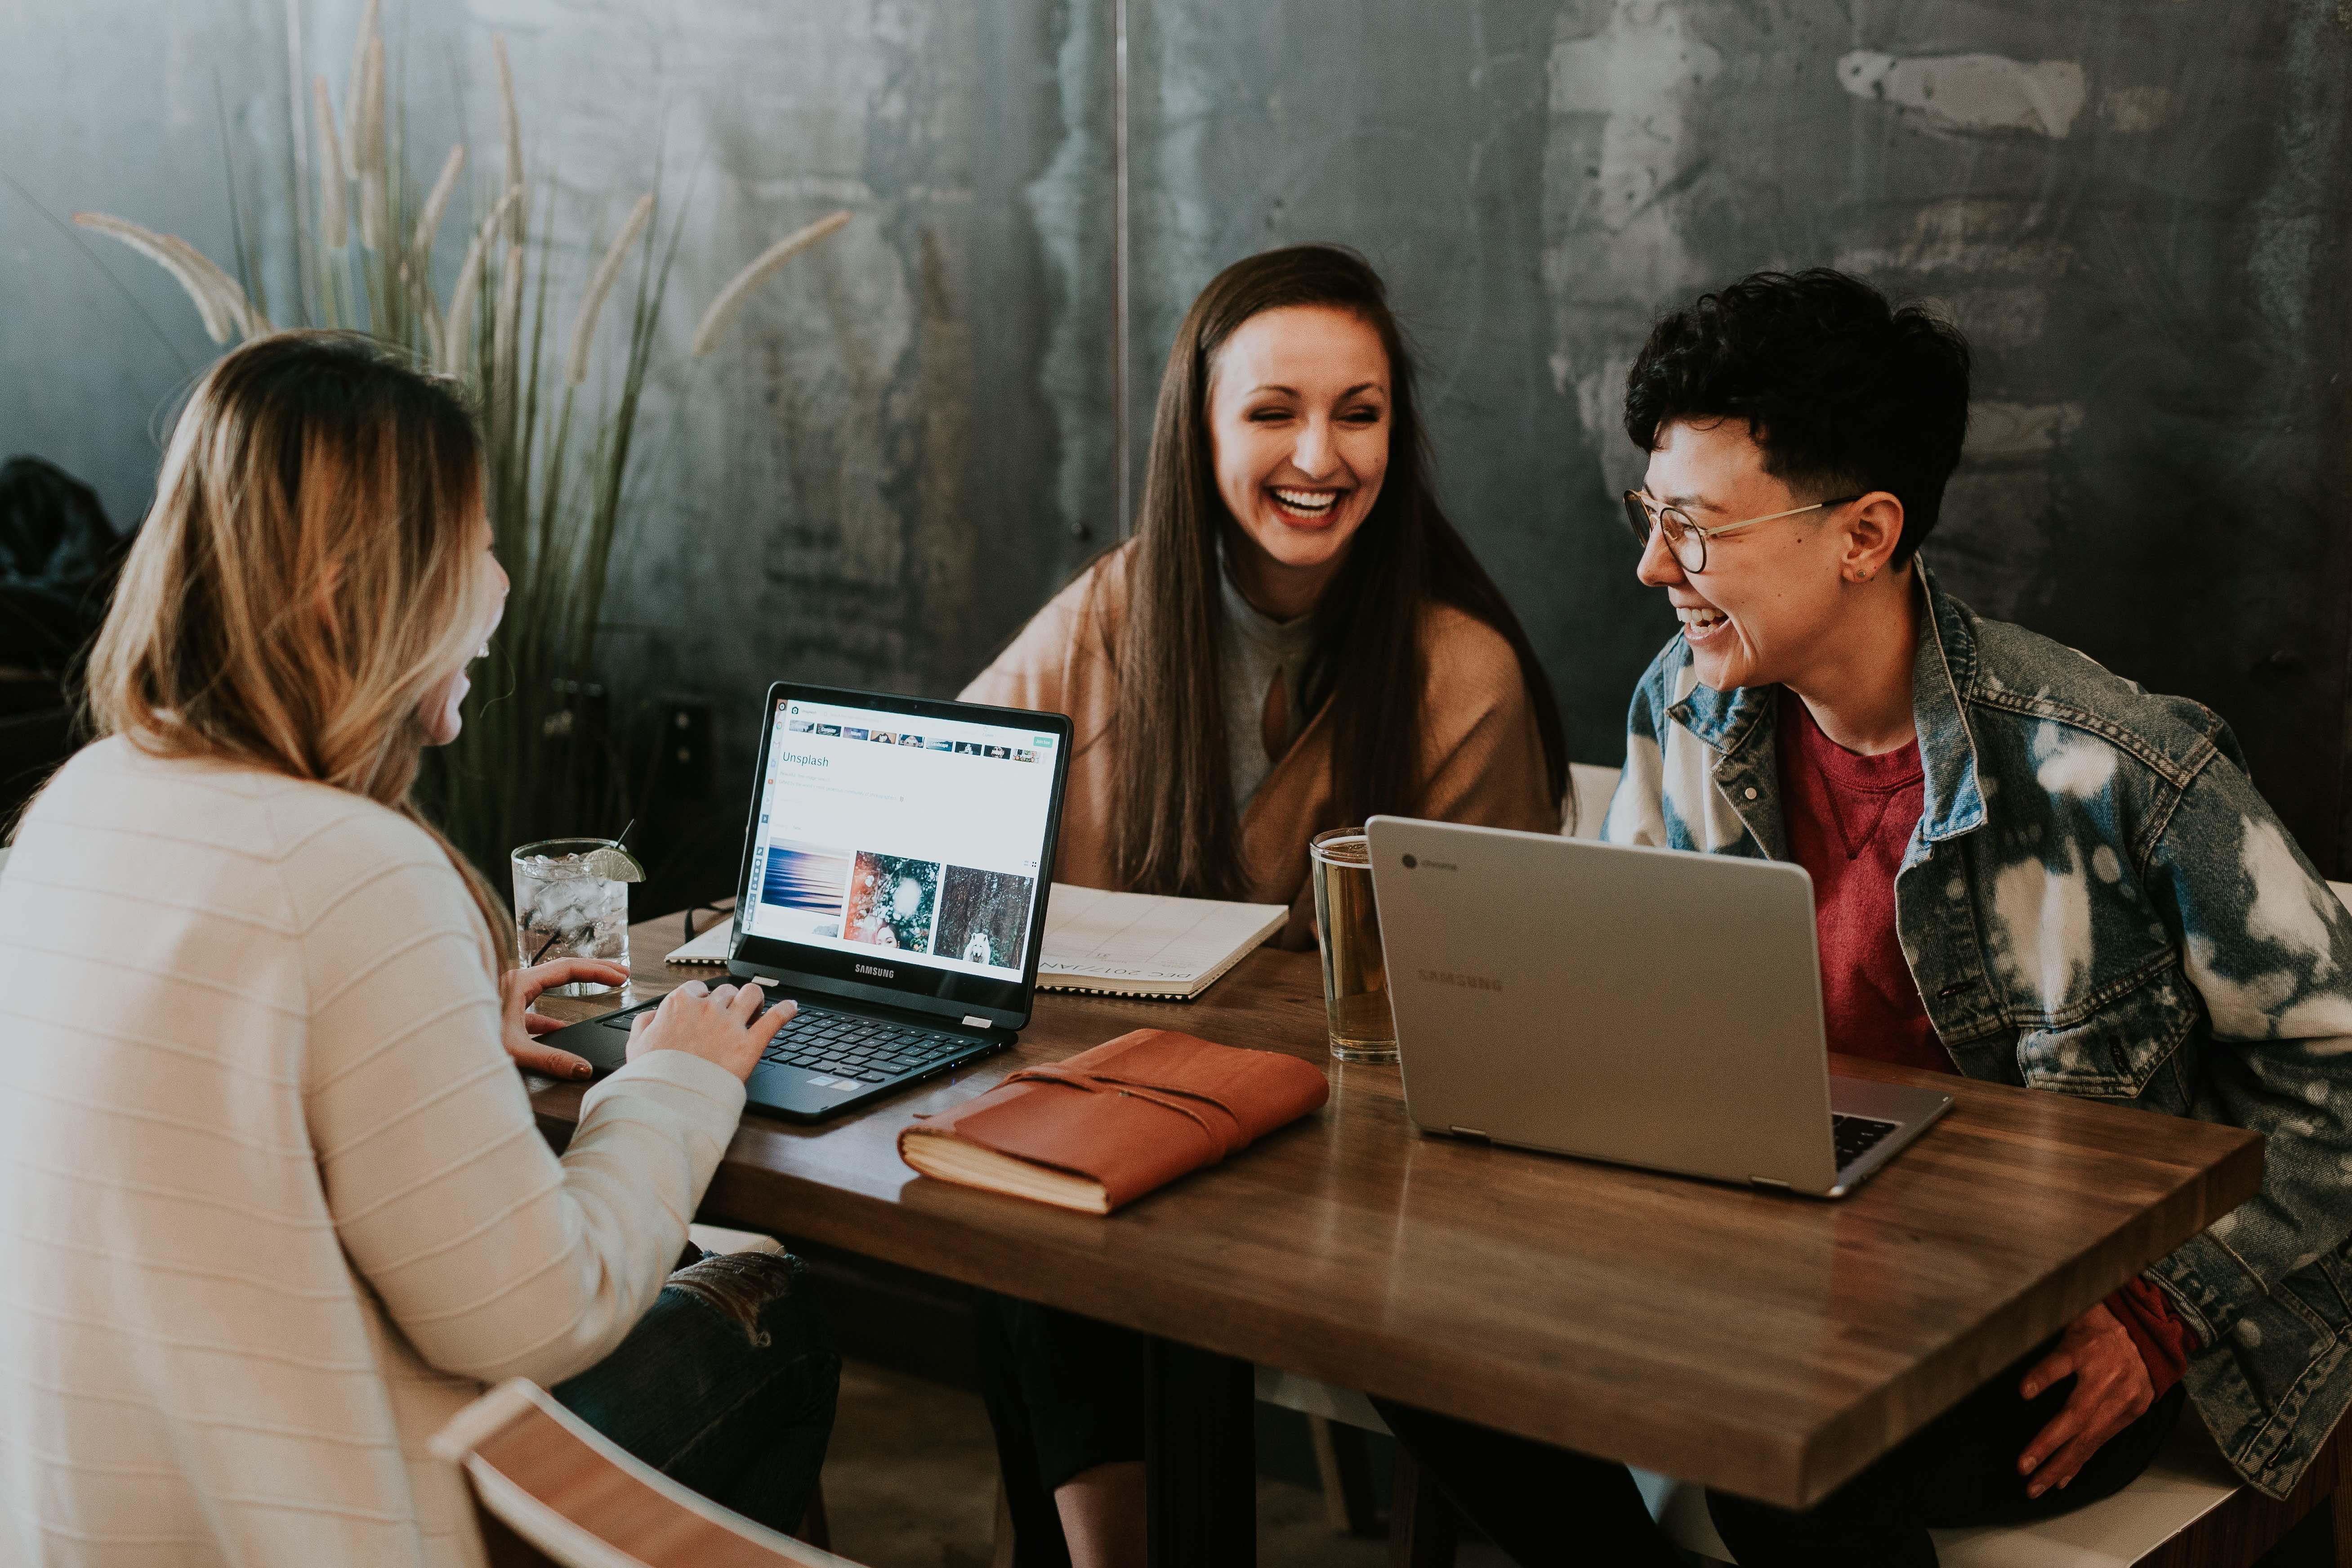 Dos workaholics à geração dos millennials funaholics